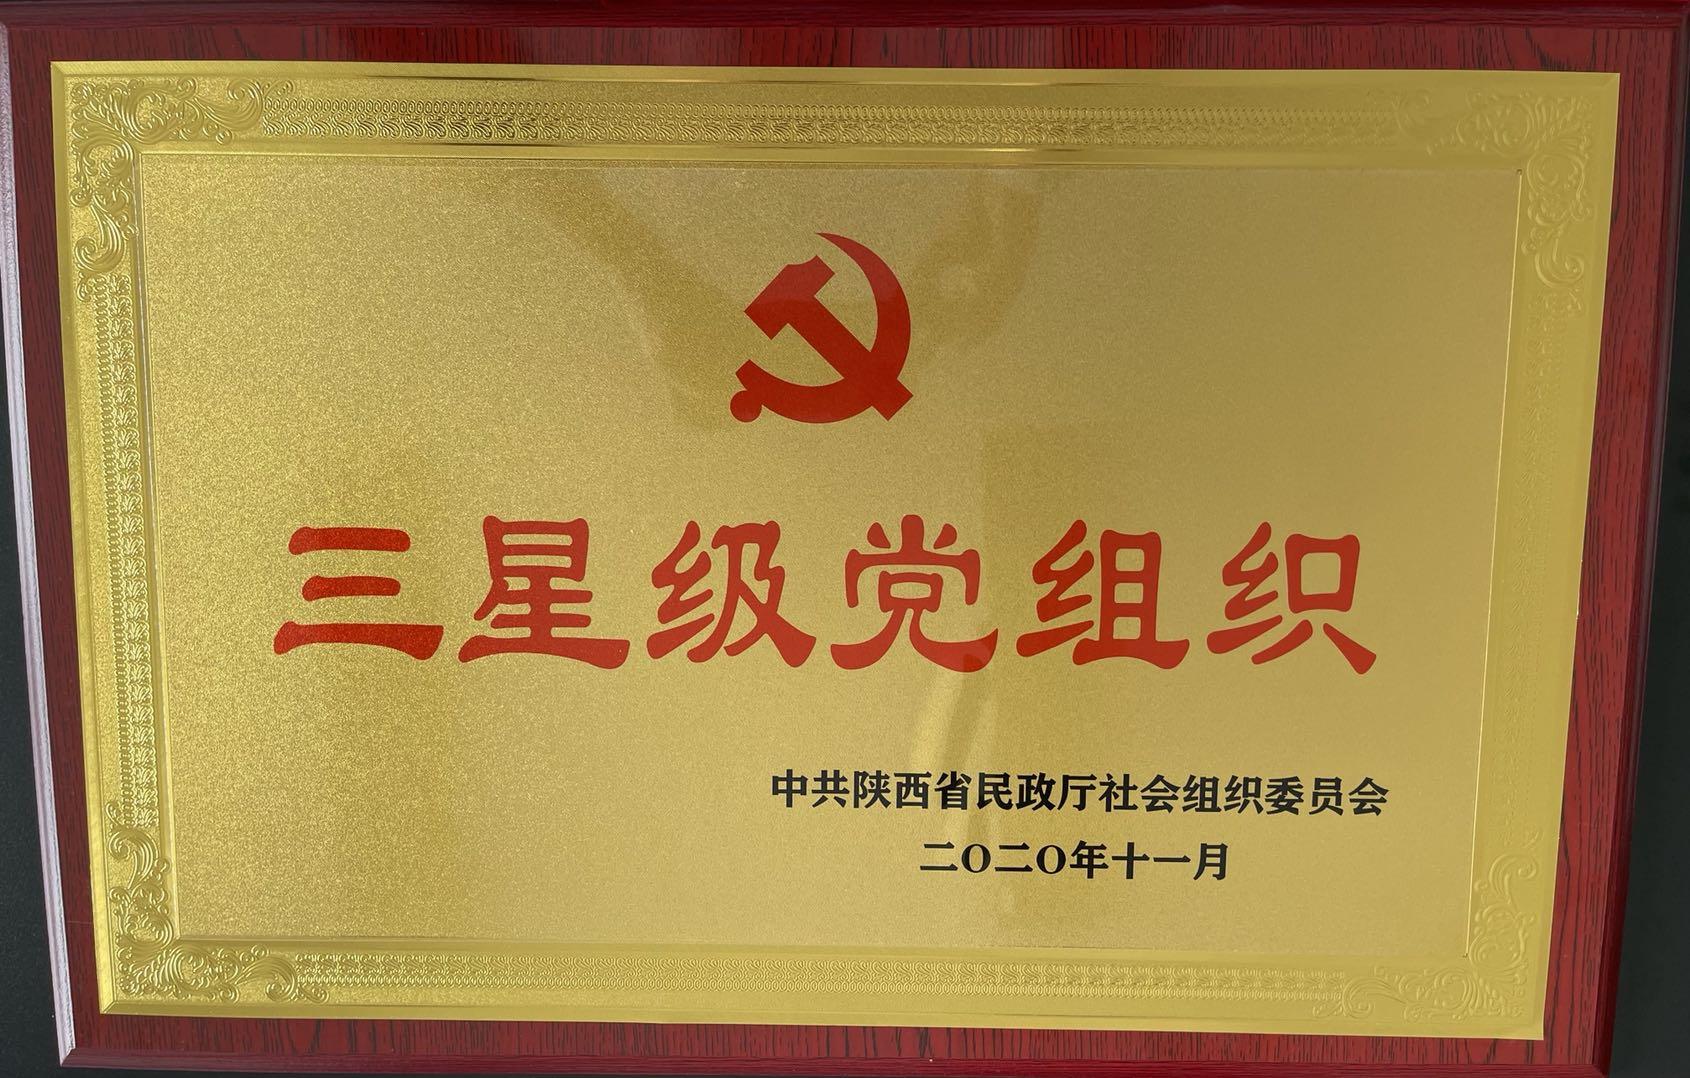 祝贺陕西省城镇供水排水协会党支部被评为三星级党组织